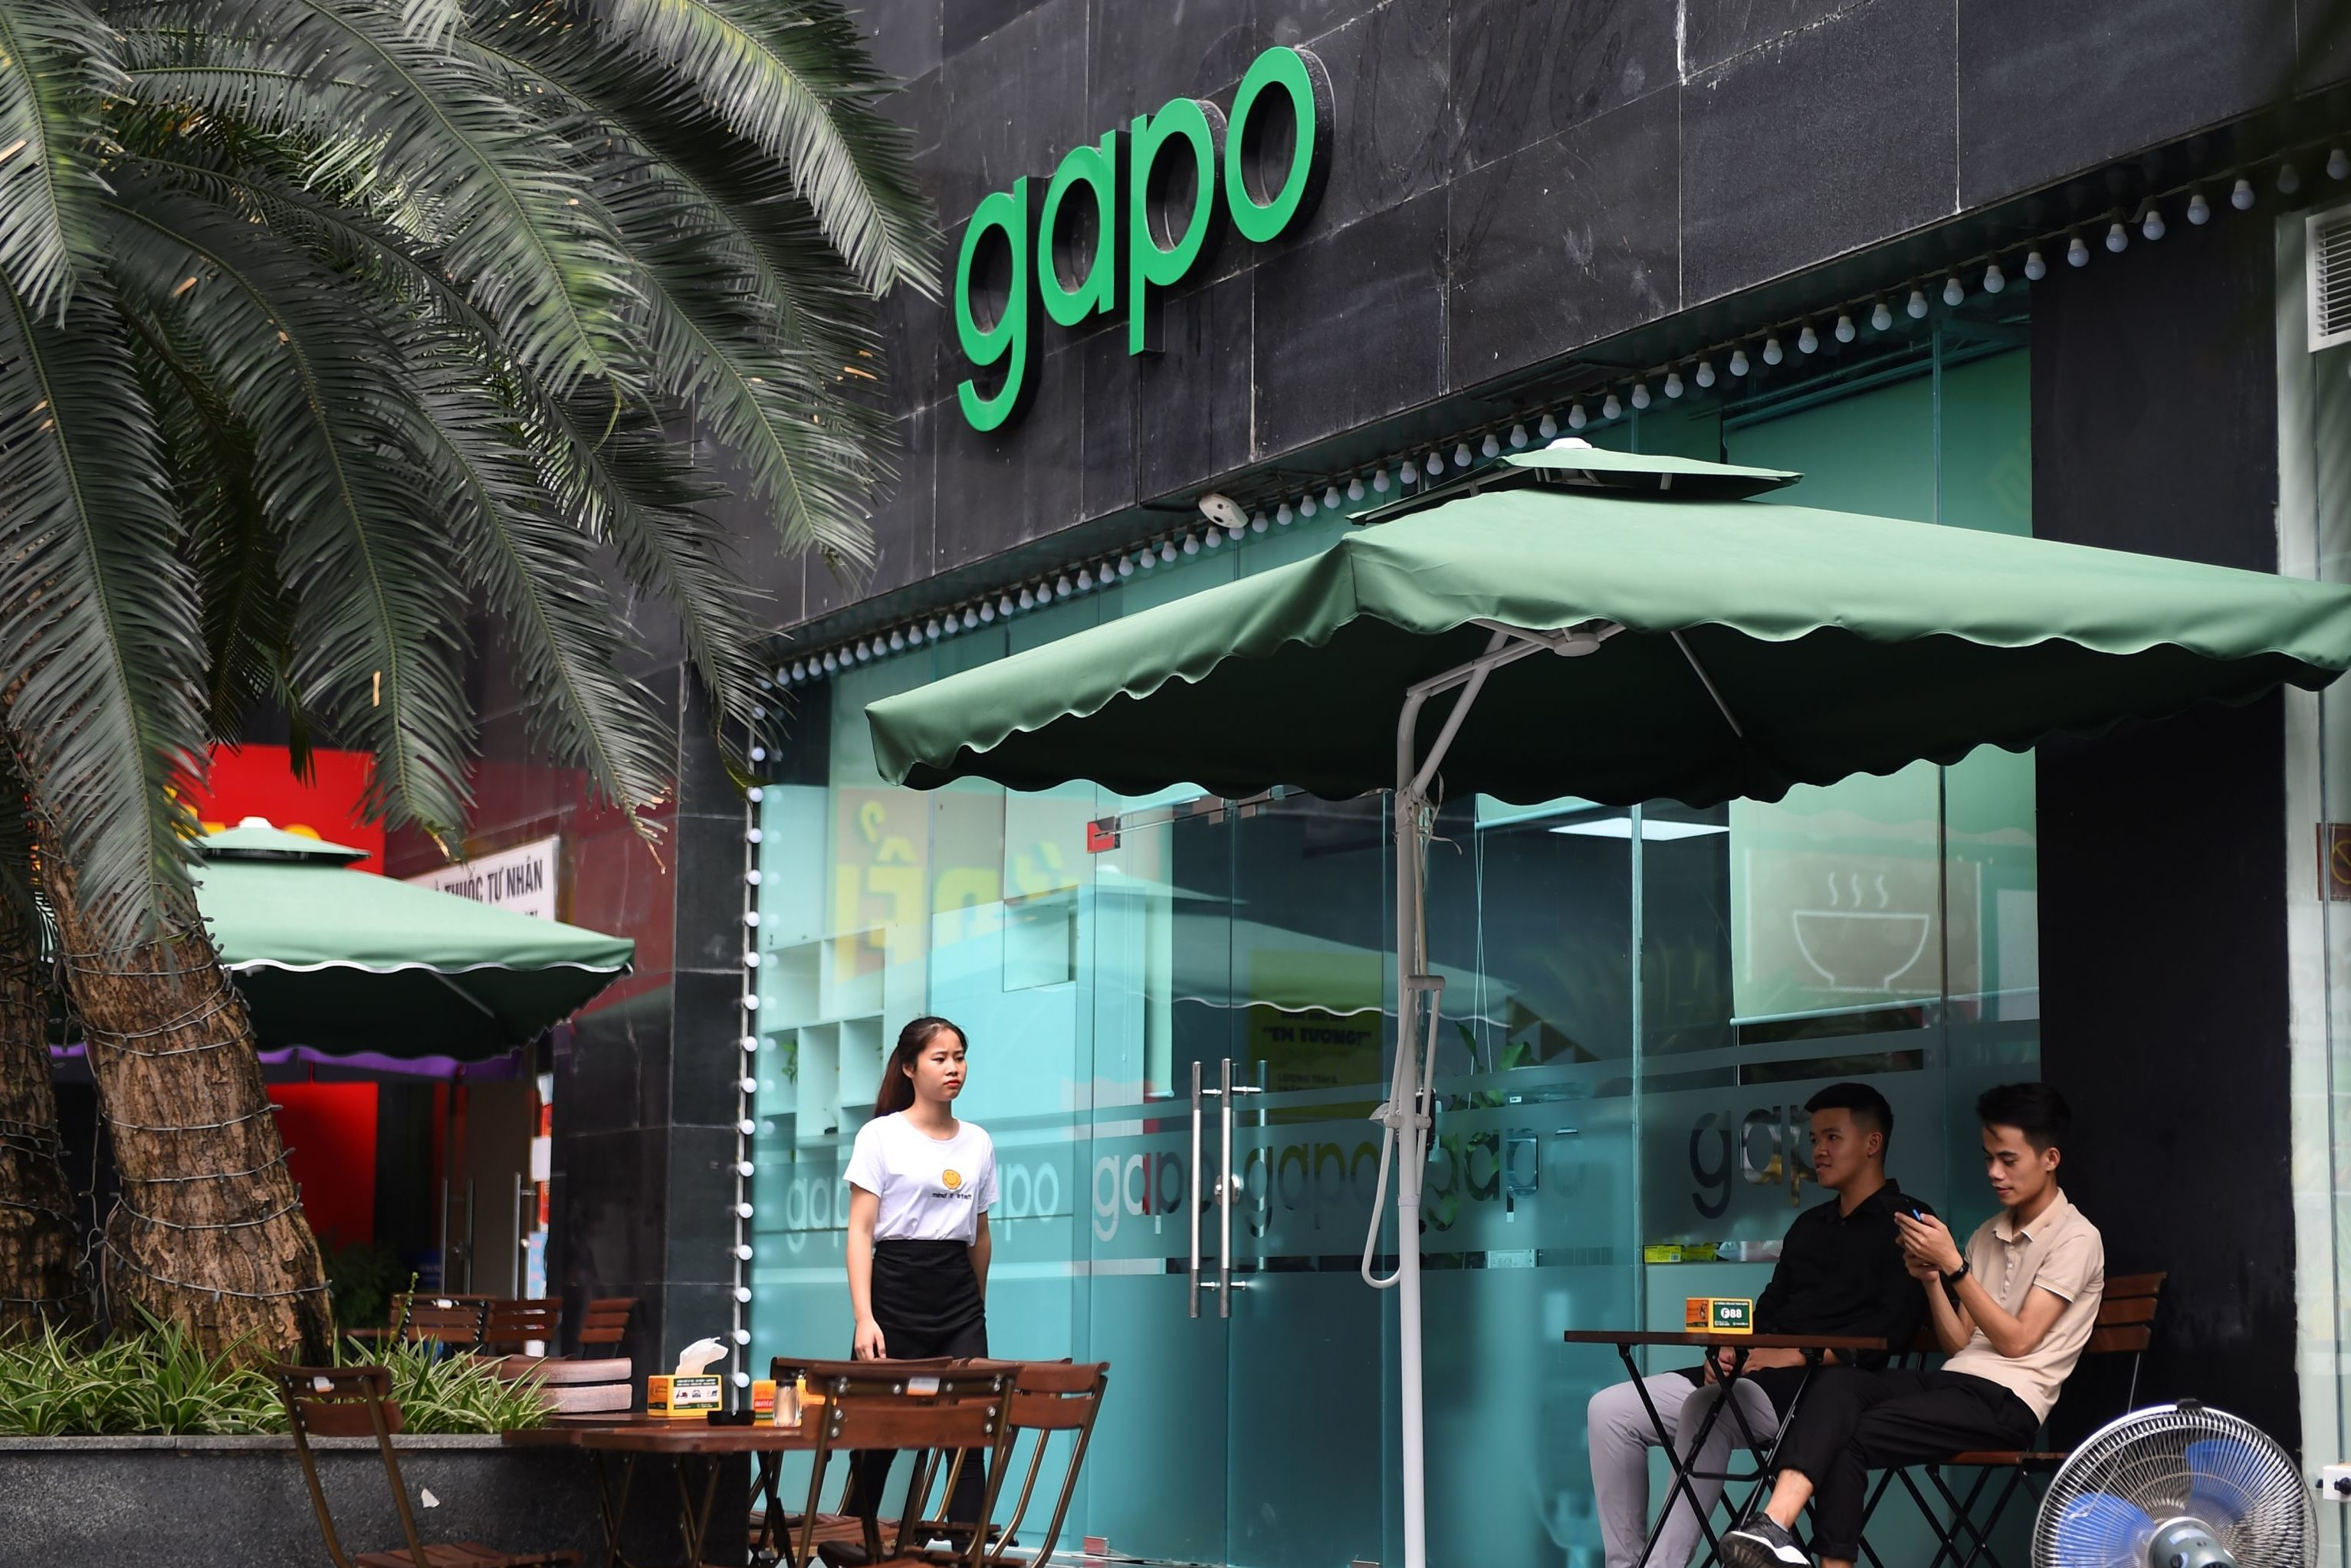 La oficina de Gapo, en Vietnam